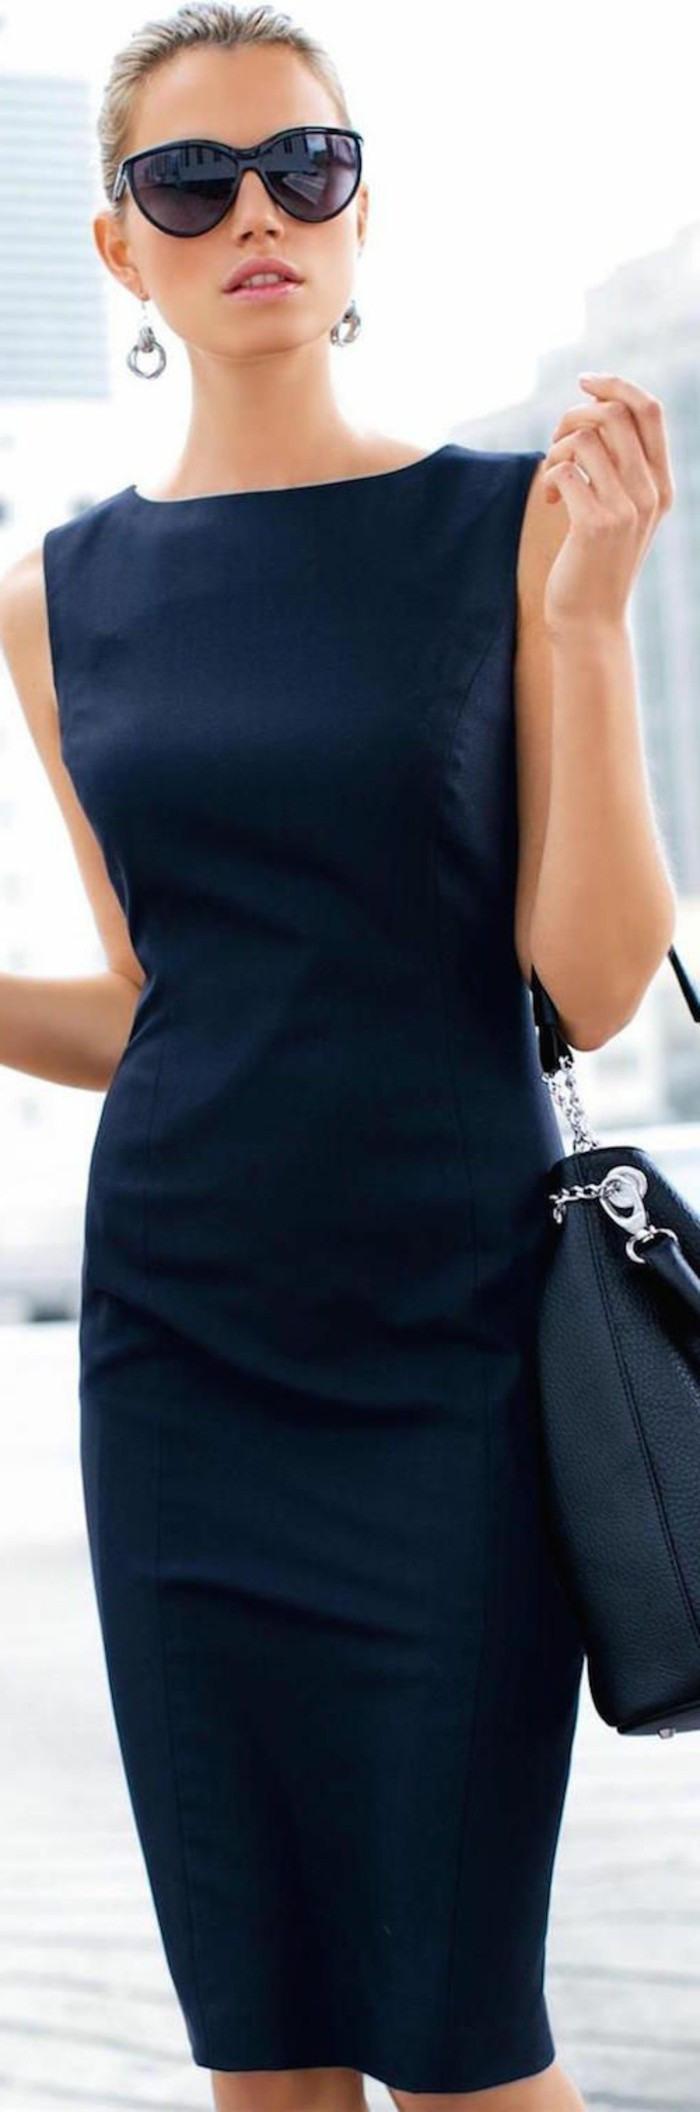 Formal Top Schicke Kleider Schwarz SpezialgebietFormal Schön Schicke Kleider Schwarz Stylish